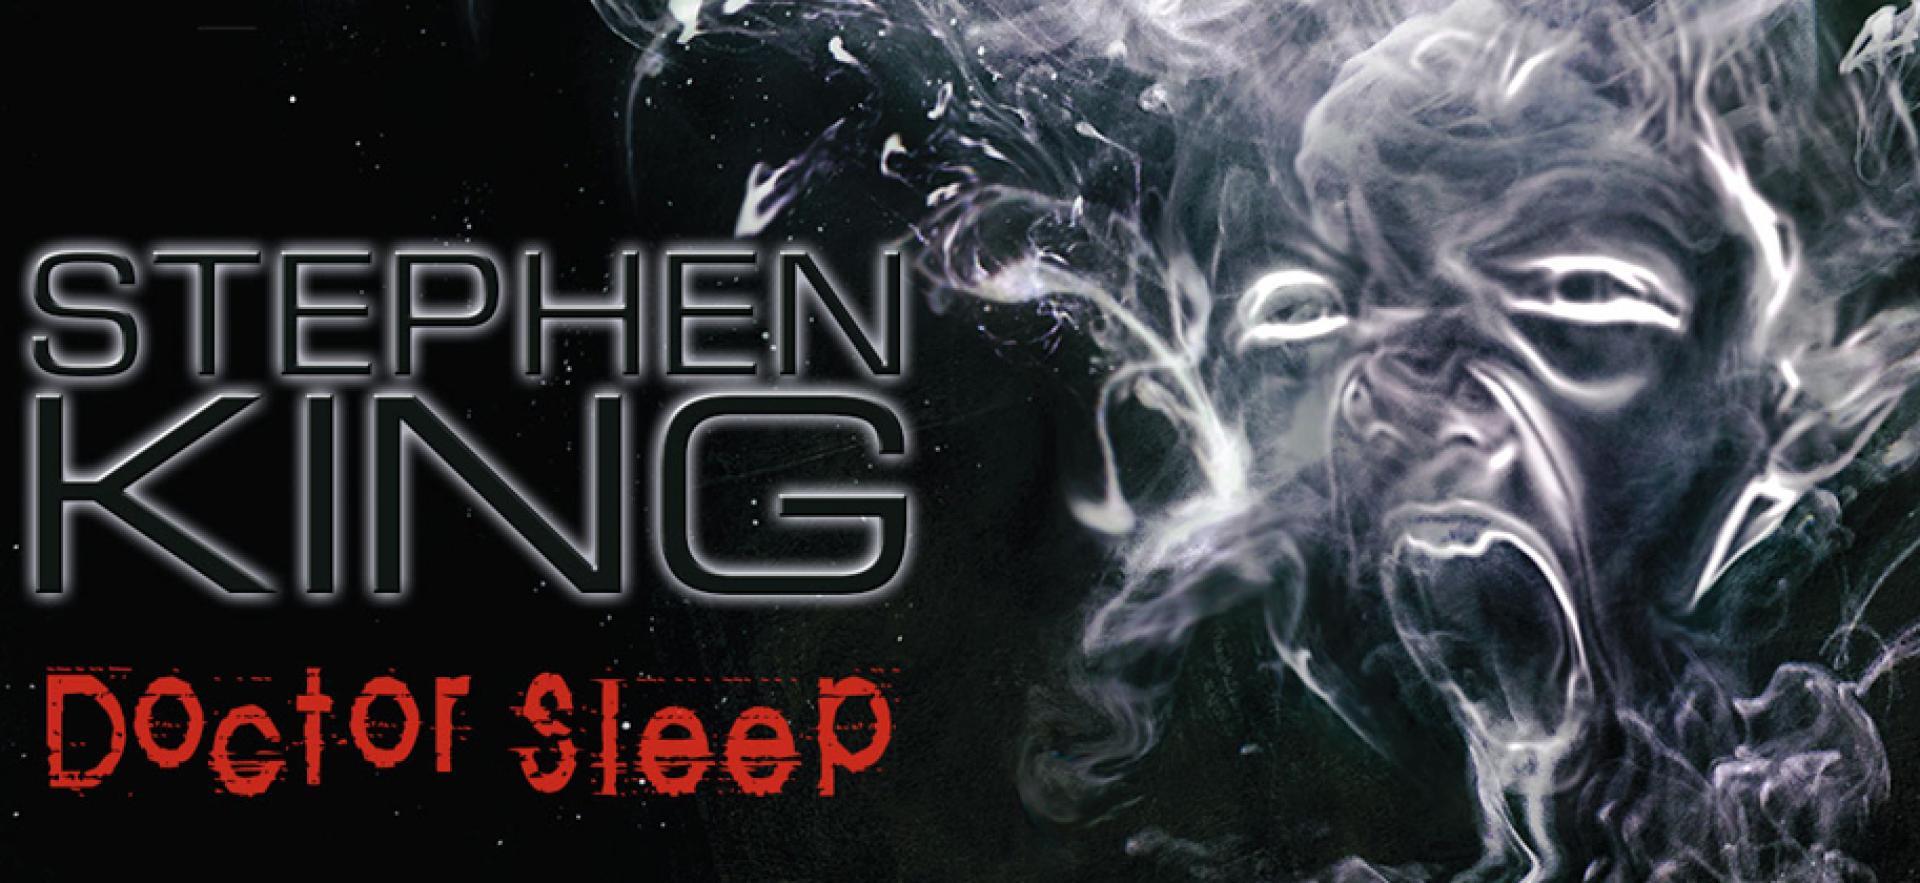 Két Stephen King adaptáció is premierdátumot kapott